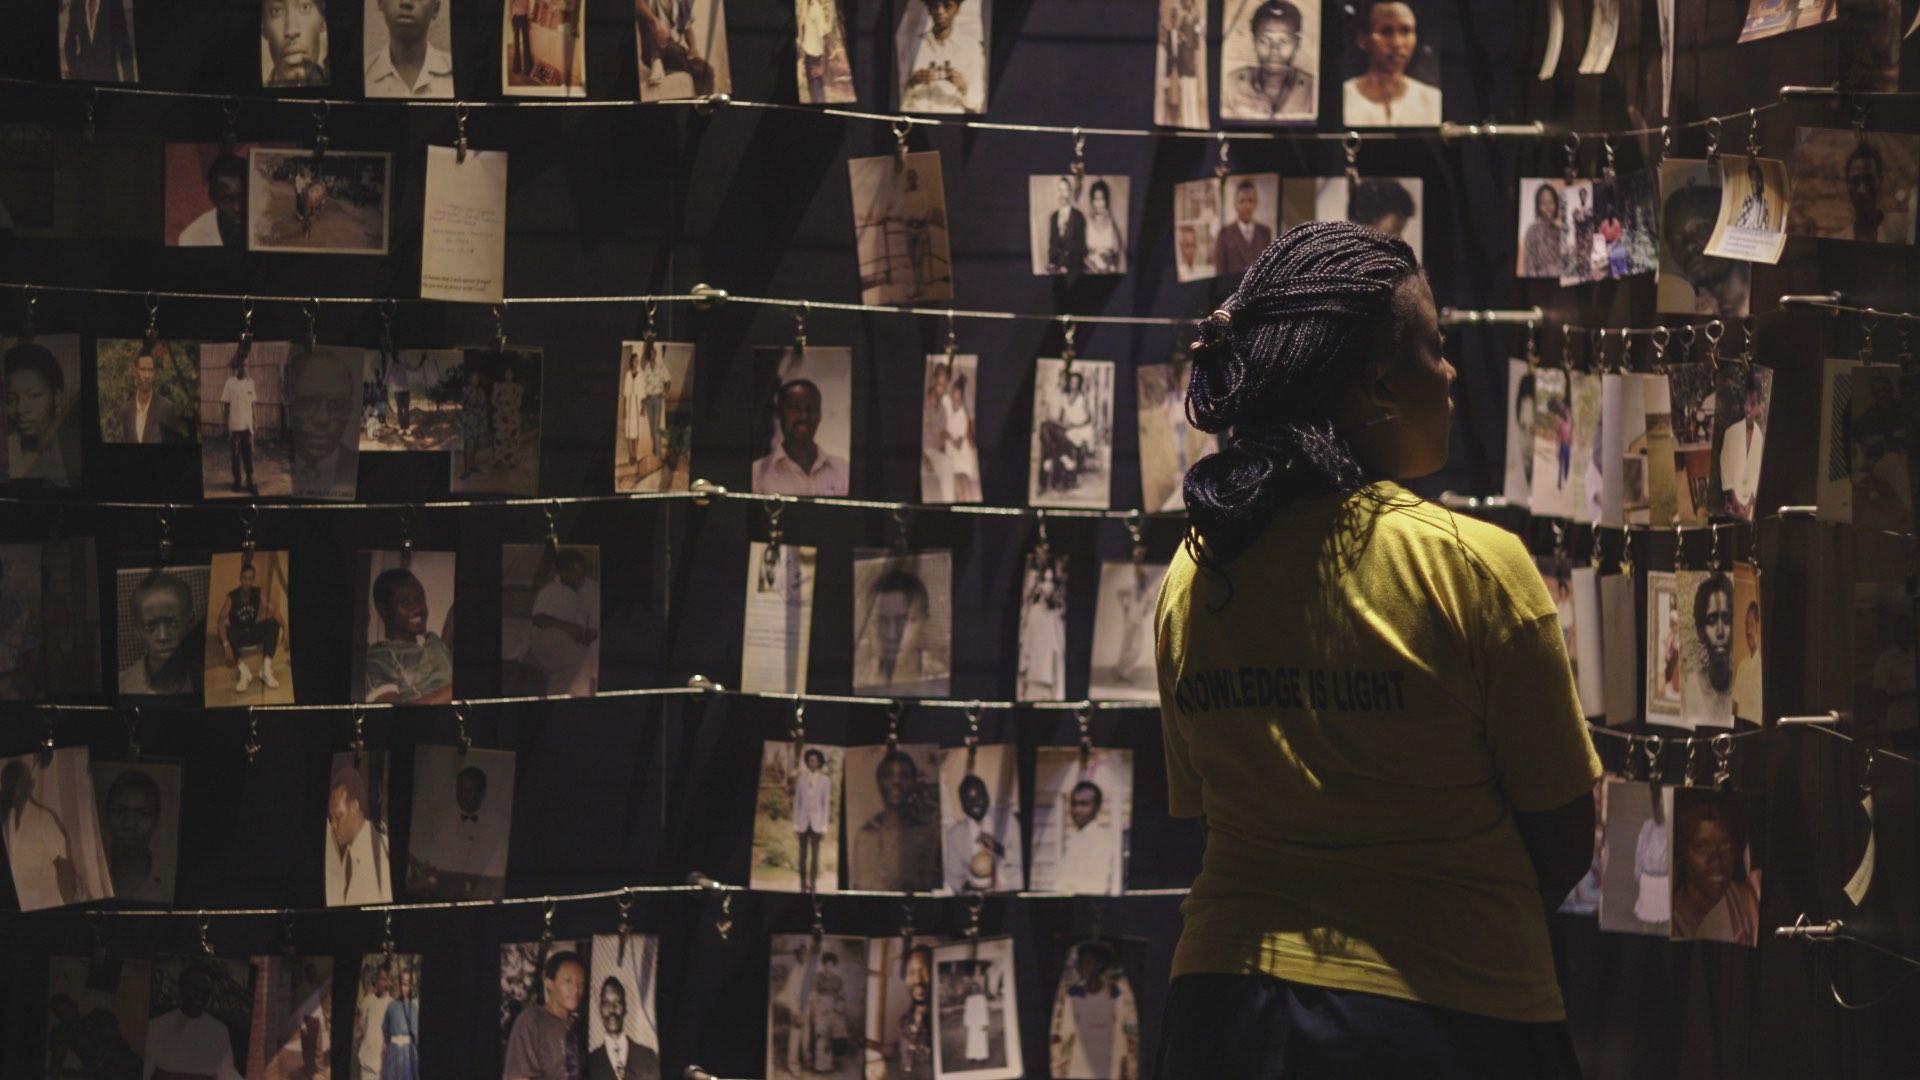 """Discovery presentó un adelanto exclusivo de """"¿Por qué odiamos?"""" en la cumbre mundial de Premios Nobel de la Paz en Mérida, Yucatán"""